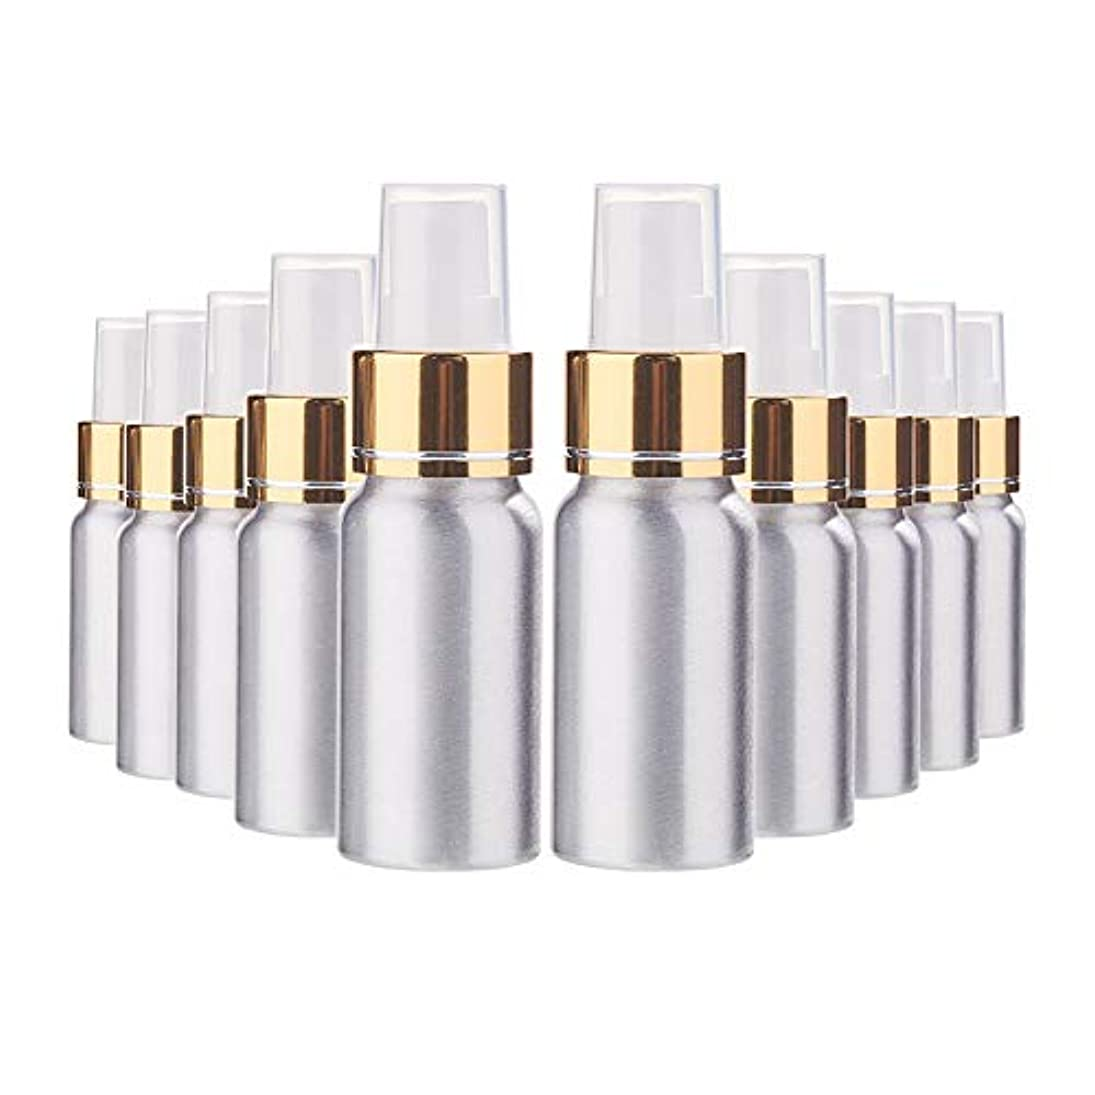 エキスパート悲観主義者火薬BENECREAT 10個セット30mlスプレーアルミボトル 空ボトル 極細のミスト 防錆 軽量 化粧品 香水 小分け 詰め替え